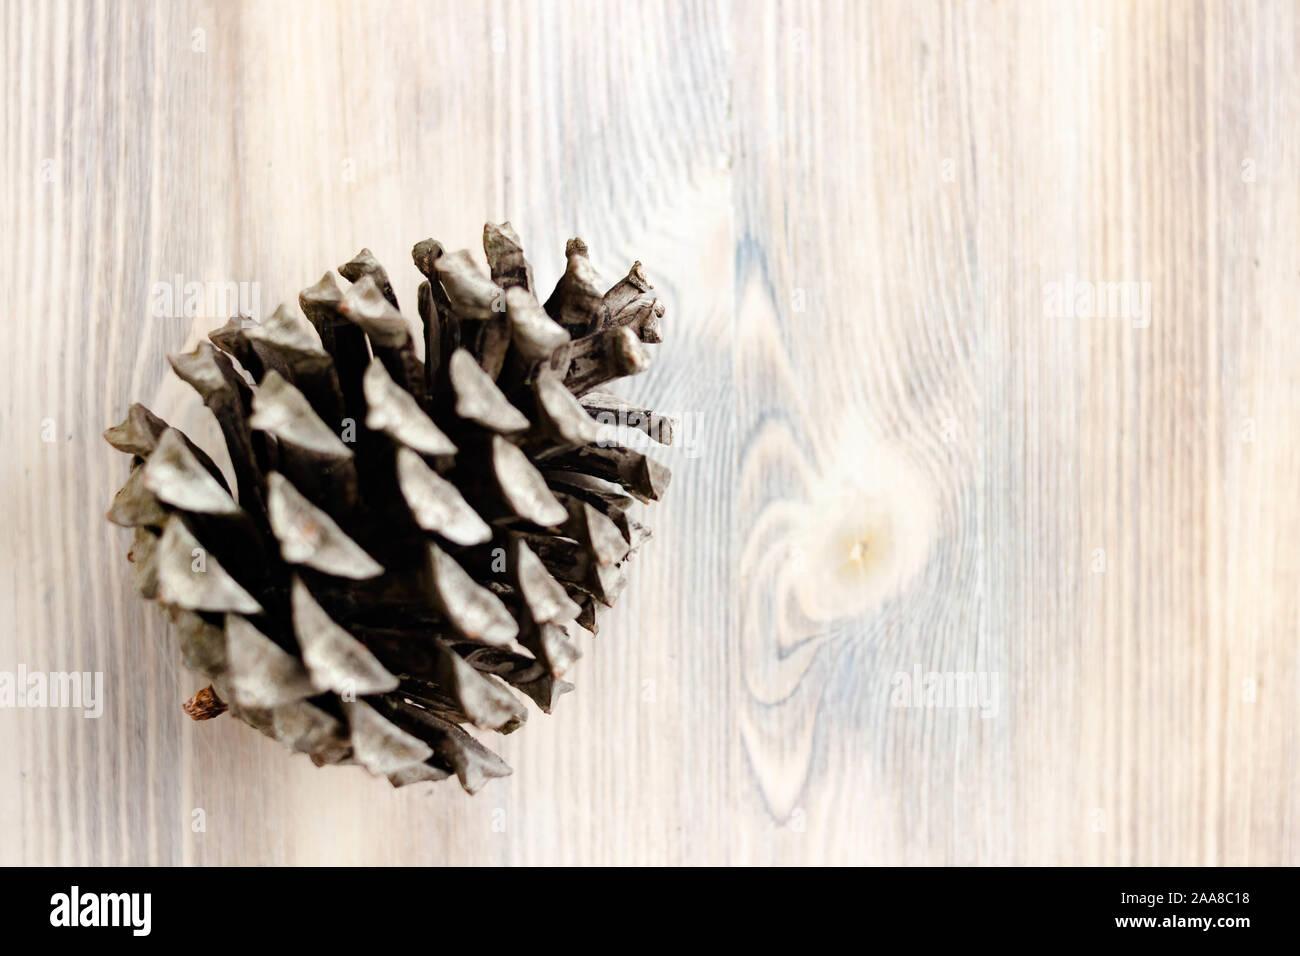 Cono de pino en la luz natural de fondo de madera blanqueada. El concepto de sano comer alimentos orgánicos, vegetariana. Vista desde arriba. Desenfoque selectivo. Shal Foto de stock